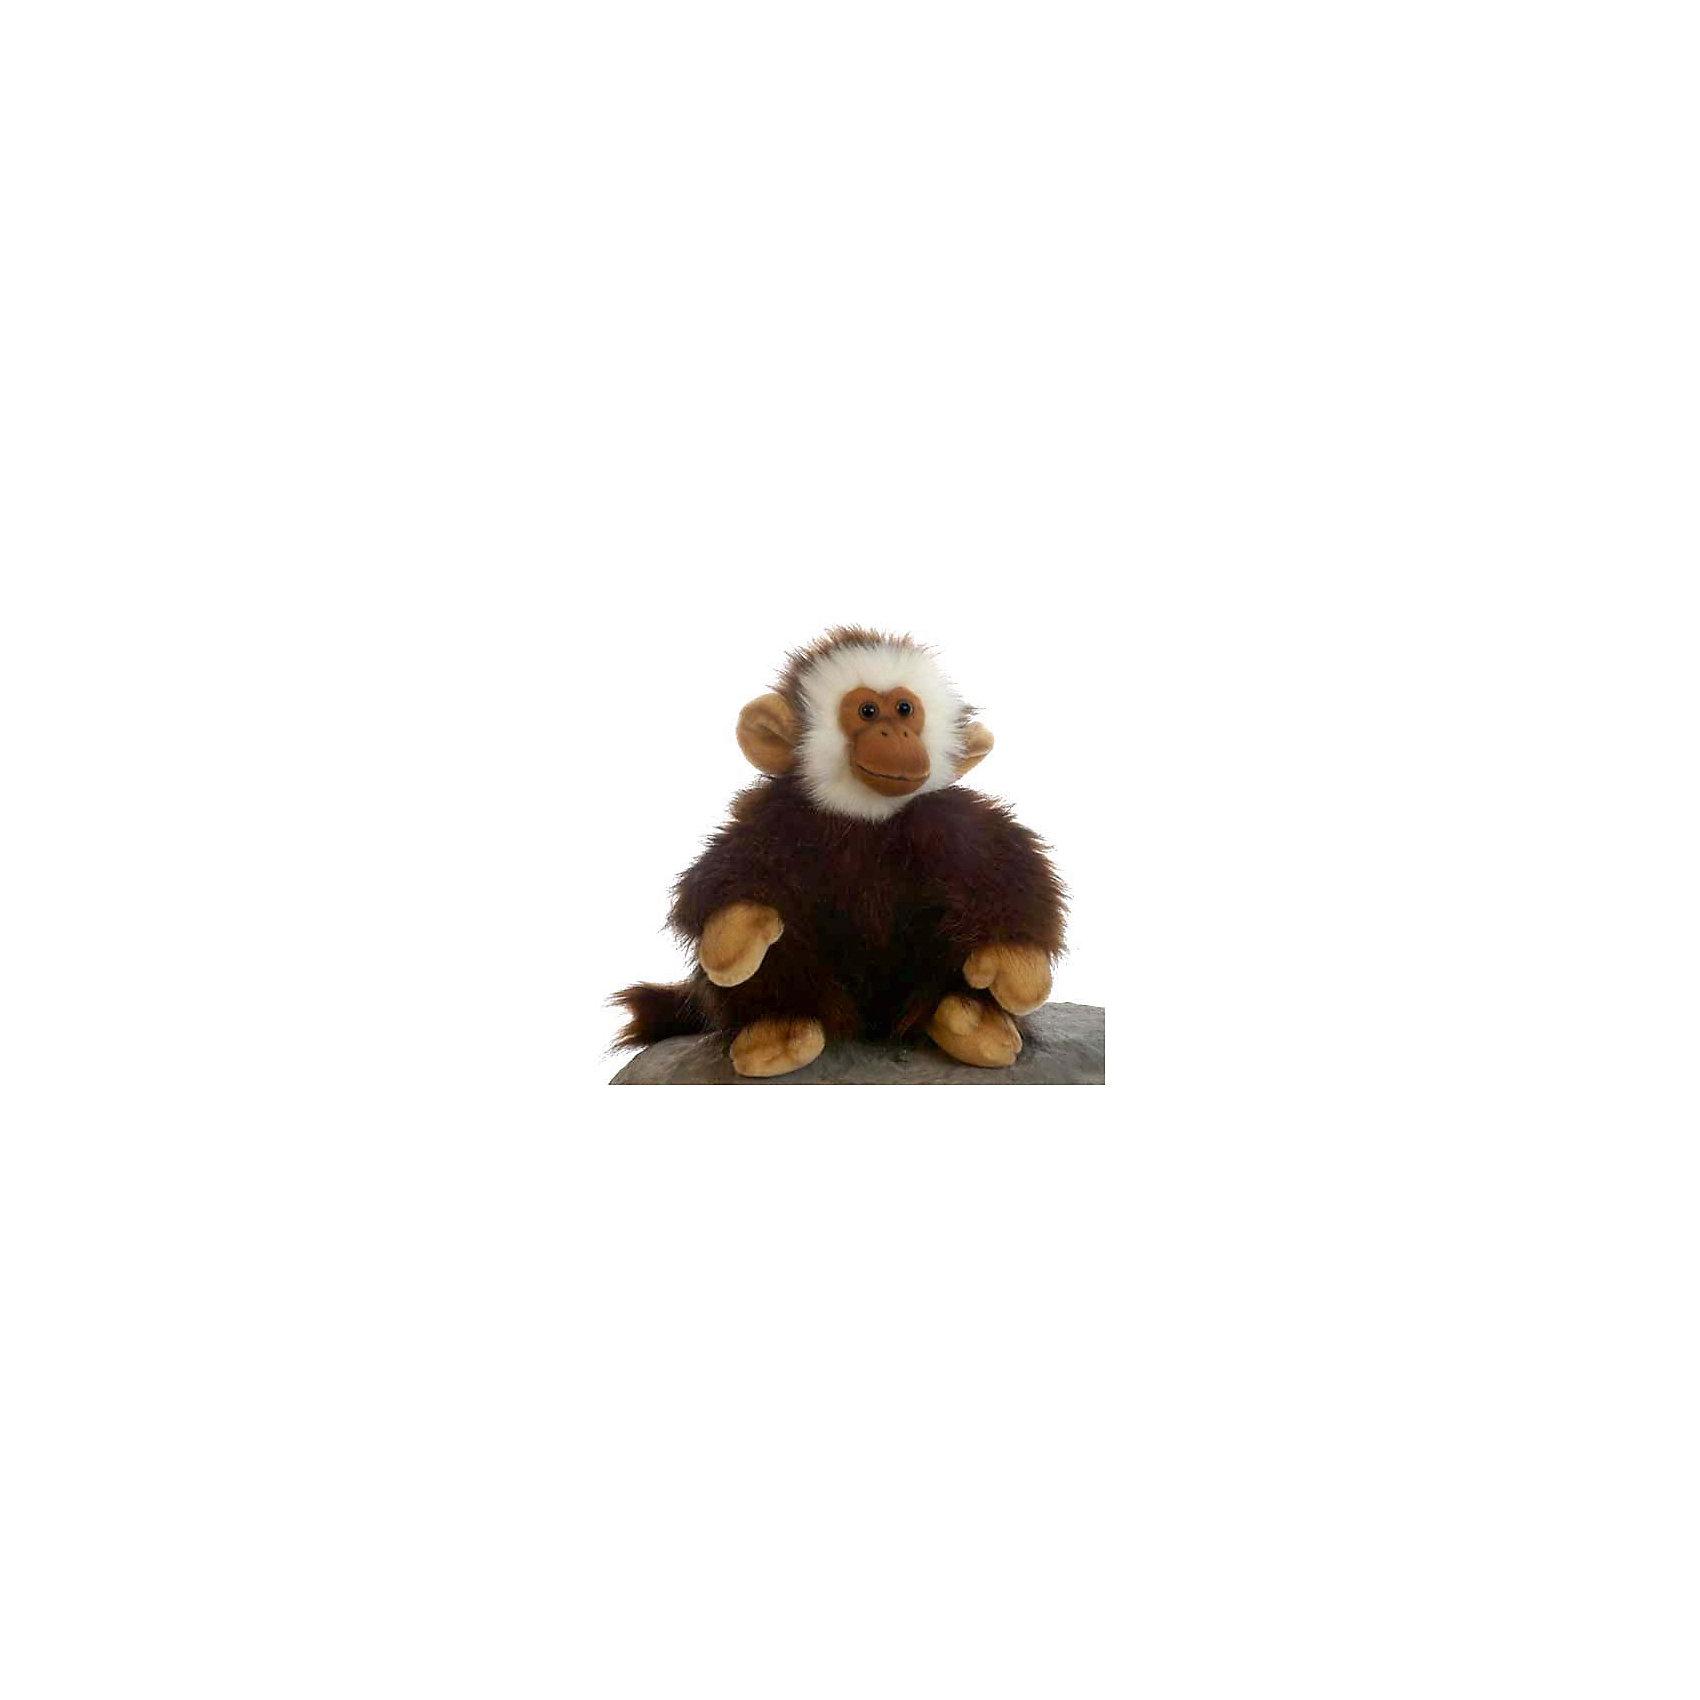 Обезьянка, 28 смЗвери и птицы<br>Обезьянка, 28 см – игрушка от знаменитого бренда Hansa, специализирующегося на выпуске мягких игрушек с высокой степенью натуралистичности. Внешний вид игрушки полностью соответствует своему реальному прототипу – приматам. Она выполнена из искусственного меха с ворсом разной длины. Окрас игрушки полностью повторяет окраску настоящего животного: темно-коричневая шерстка и белая мордочка и светлые лапки. Использованные материалы обладают гипоаллергенными свойствами. Внутри игрушки имеется металлический каркас, позволяющий изменять положение. <br>Игрушка относится к серии Дикие животные. <br>Мягкие игрушки от Hansa подходят для сюжетно-ролевых игр, для обучающих игр, направленных на знакомство с животным миром дикой природы. Кроме того, их можно использовать в качестве интерьерных игрушек. Коллекция из нескольких игрушек позволяет создать свой домашний зоопарк, который будет радовать вашего ребенка долгое время, так как ручная работа и качественные материалы гарантируют их долговечность и прочность.<br><br>Дополнительная информация:<br><br>- Вид игр: сюжетно-ролевые игры, коллекционирование, интерьерные игрушки<br>- Предназначение: для дома, для детских развивающих центров, для детских садов<br>- Материал: искусственный мех, наполнитель ? полиэфирное волокно<br>- Размер (ДхШхВ): 20*28*21 см<br>- Вес: 420 г<br>- Особенности ухода: сухая чистка при помощи пылесоса или щетки для одежды<br><br>Подробнее:<br><br>• Для детей в возрасте: от 3 лет <br>• Страна производитель: Филиппины<br>• Торговый бренд: Hansa<br><br>Обезьянку, 28 см можно купить в нашем интернет-магазине.<br><br>Ширина мм: 20<br>Глубина мм: 28<br>Высота мм: 21<br>Вес г: 420<br>Возраст от месяцев: 36<br>Возраст до месяцев: 2147483647<br>Пол: Унисекс<br>Возраст: Детский<br>SKU: 4927147